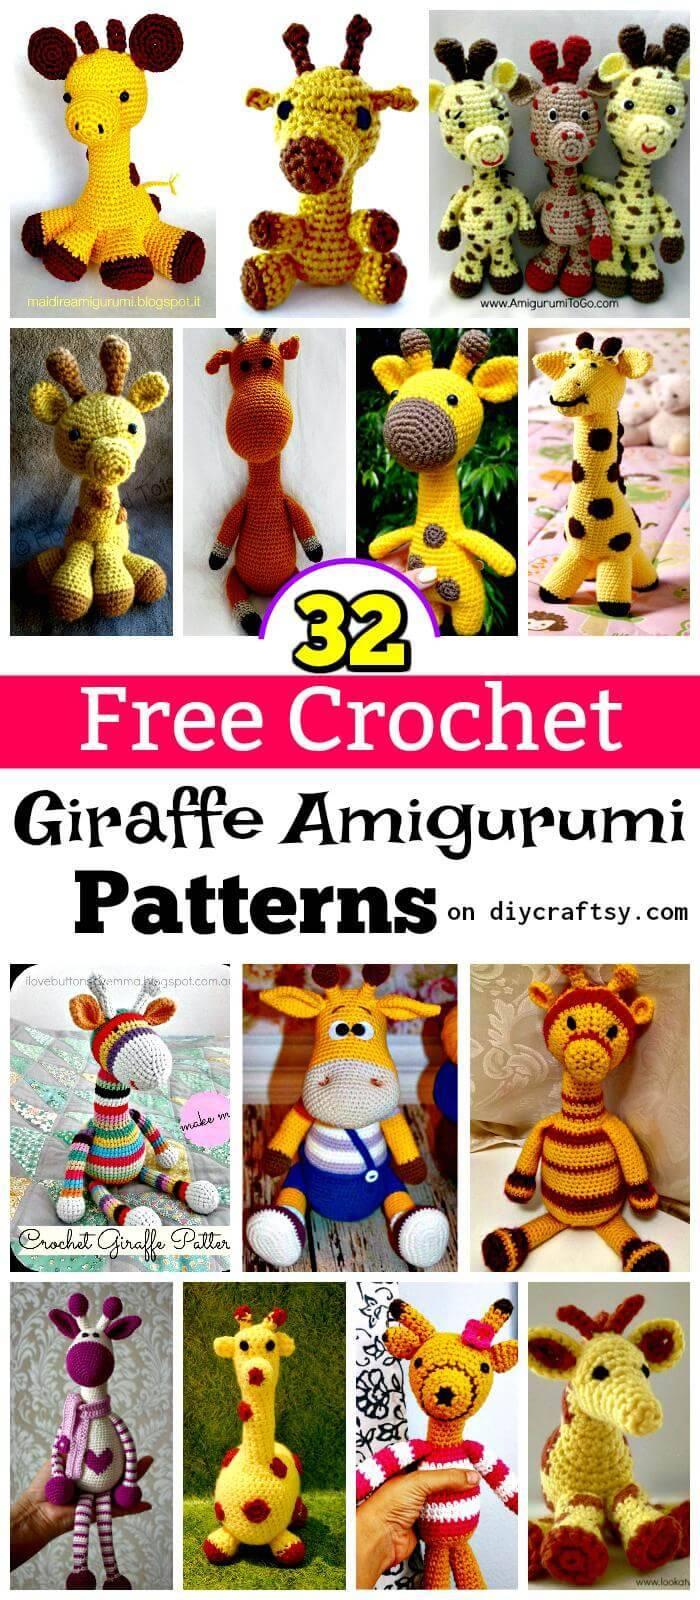 Zaza the Zebra Free Amigurumi Crochet Pattern ⋆ Crochet Kingdom | 1600x700